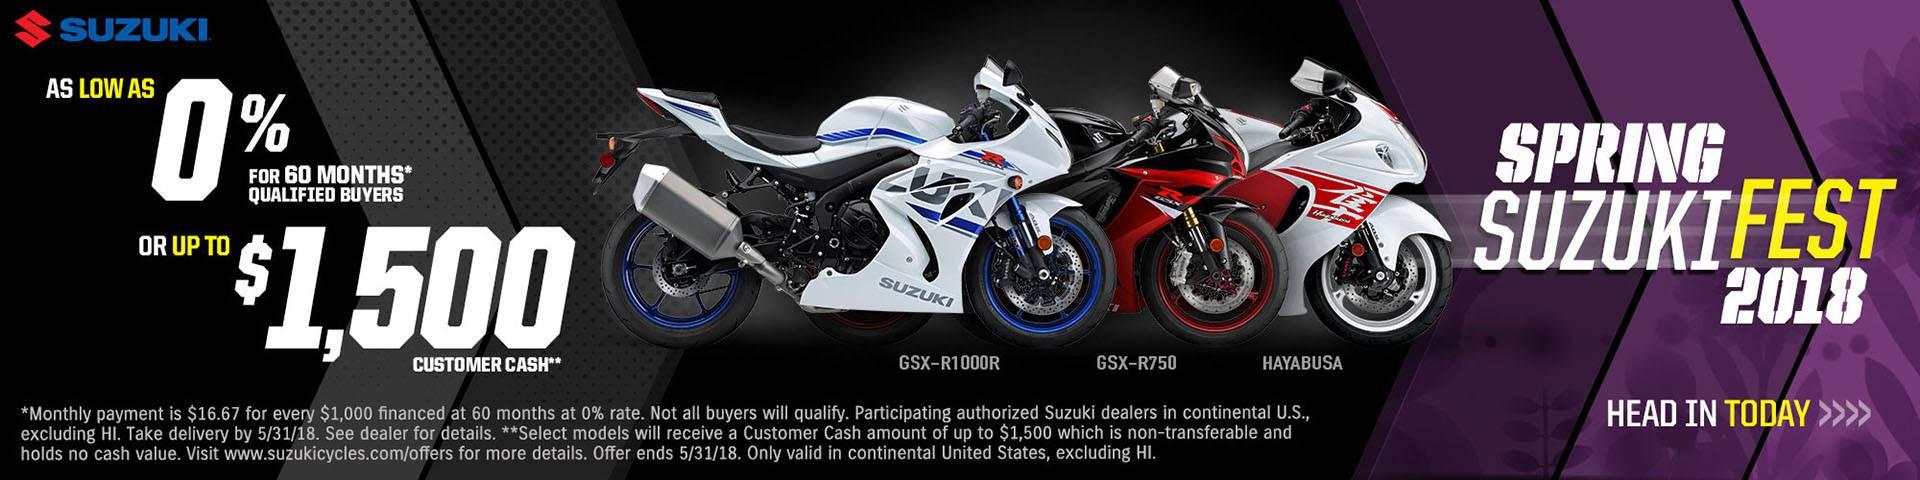 Suzuki - Spring Suzuki Fest for Sportbike and Standard